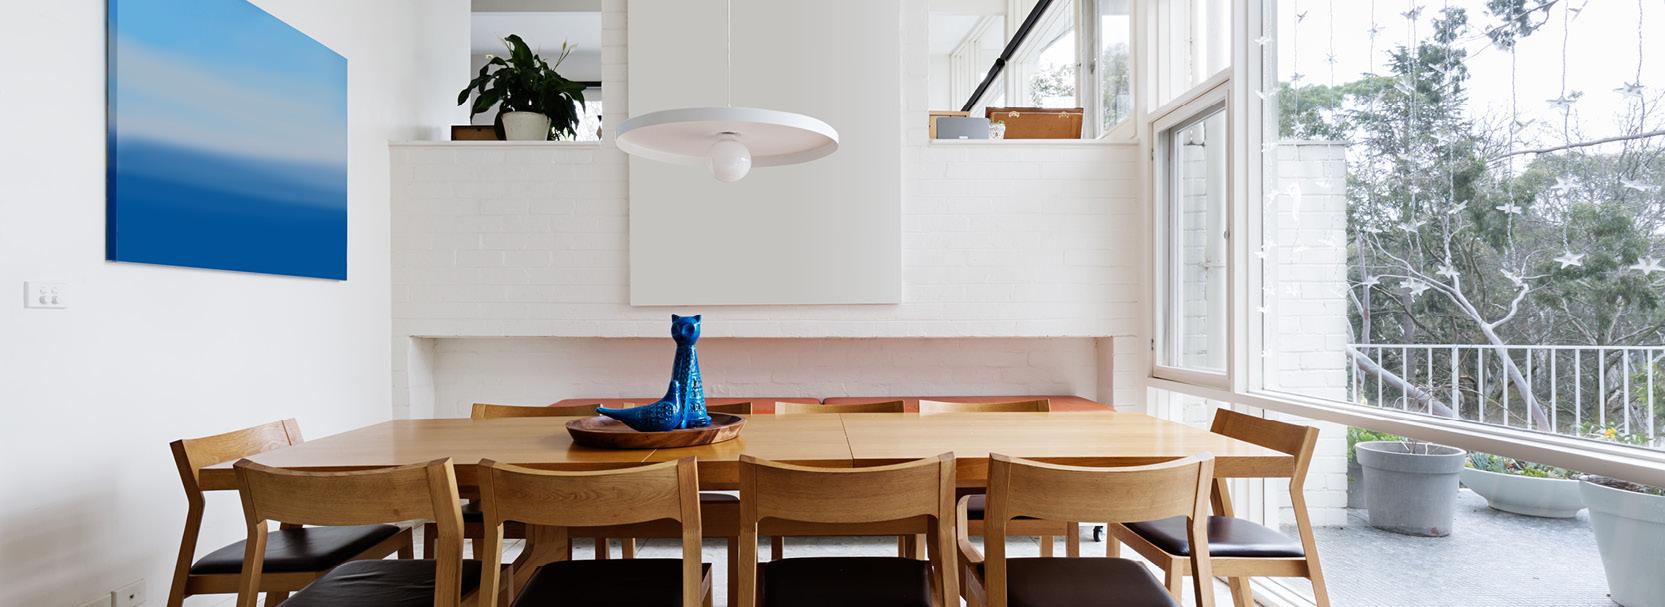 Ratgeber & Trends - Moderne Möbel und Küchen in Plauen | Möbel Künzel